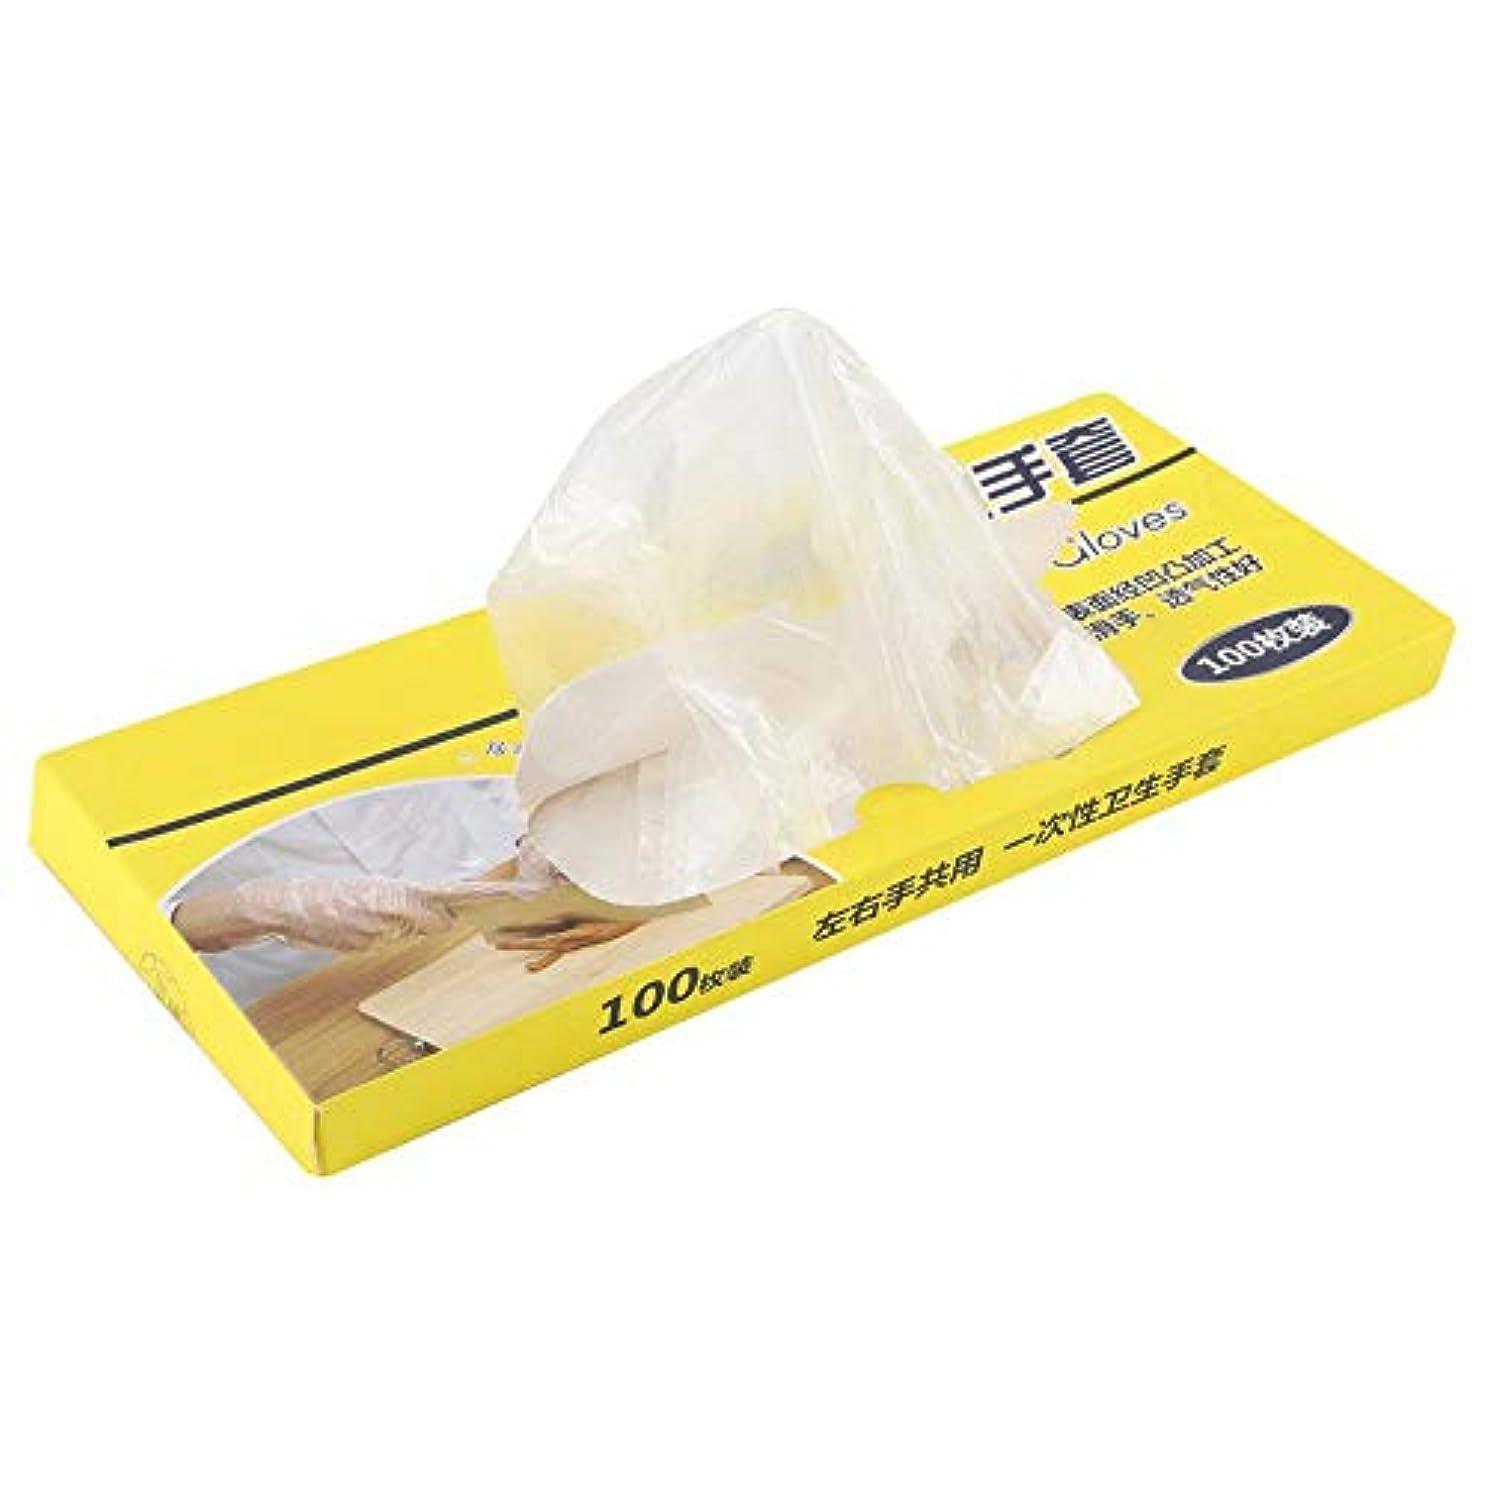 航空機泣き叫ぶ痴漢Yosoo 100pcs 使い捨てポリ手袋 使い捨て手袋 極薄手袋 調理 お掃除 使い捨て手袋 極薄ビニール手袋 透明 実用 衛生